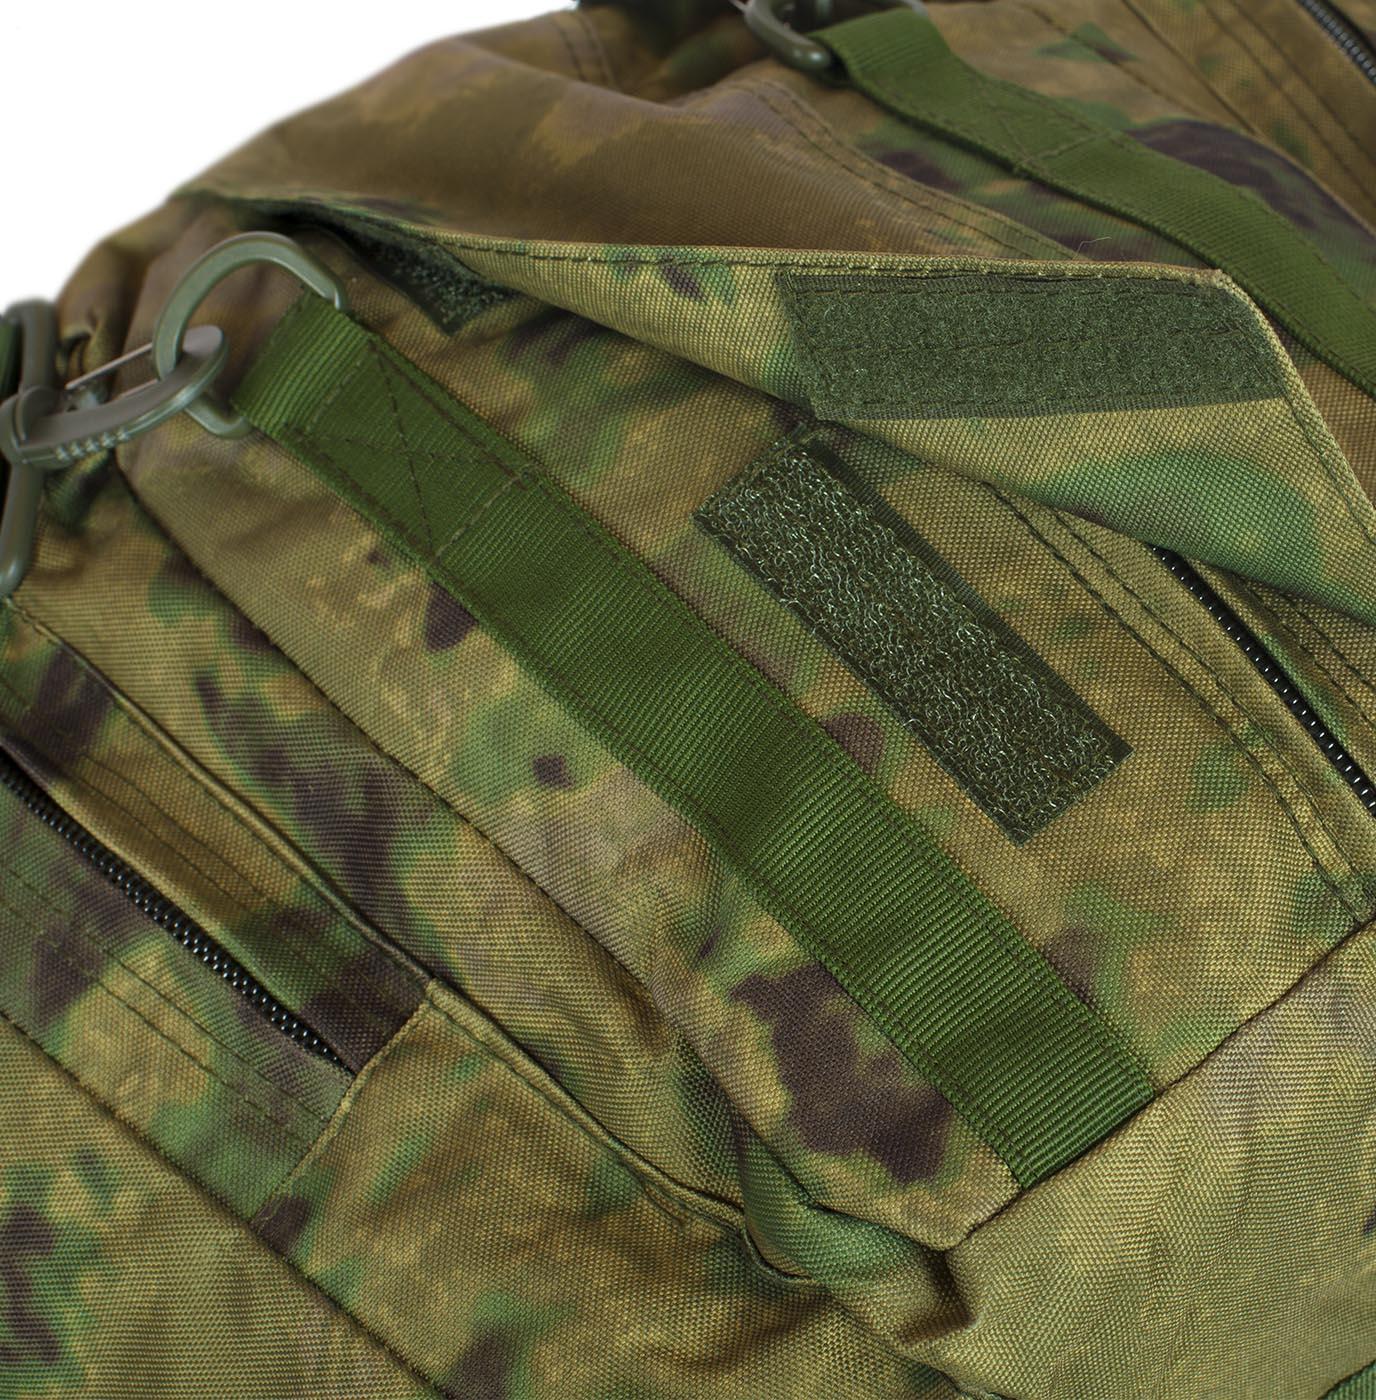 Заплечная камуфляжная сумка с нашивкой Ни пуха, Ни пера - заказать в подарок